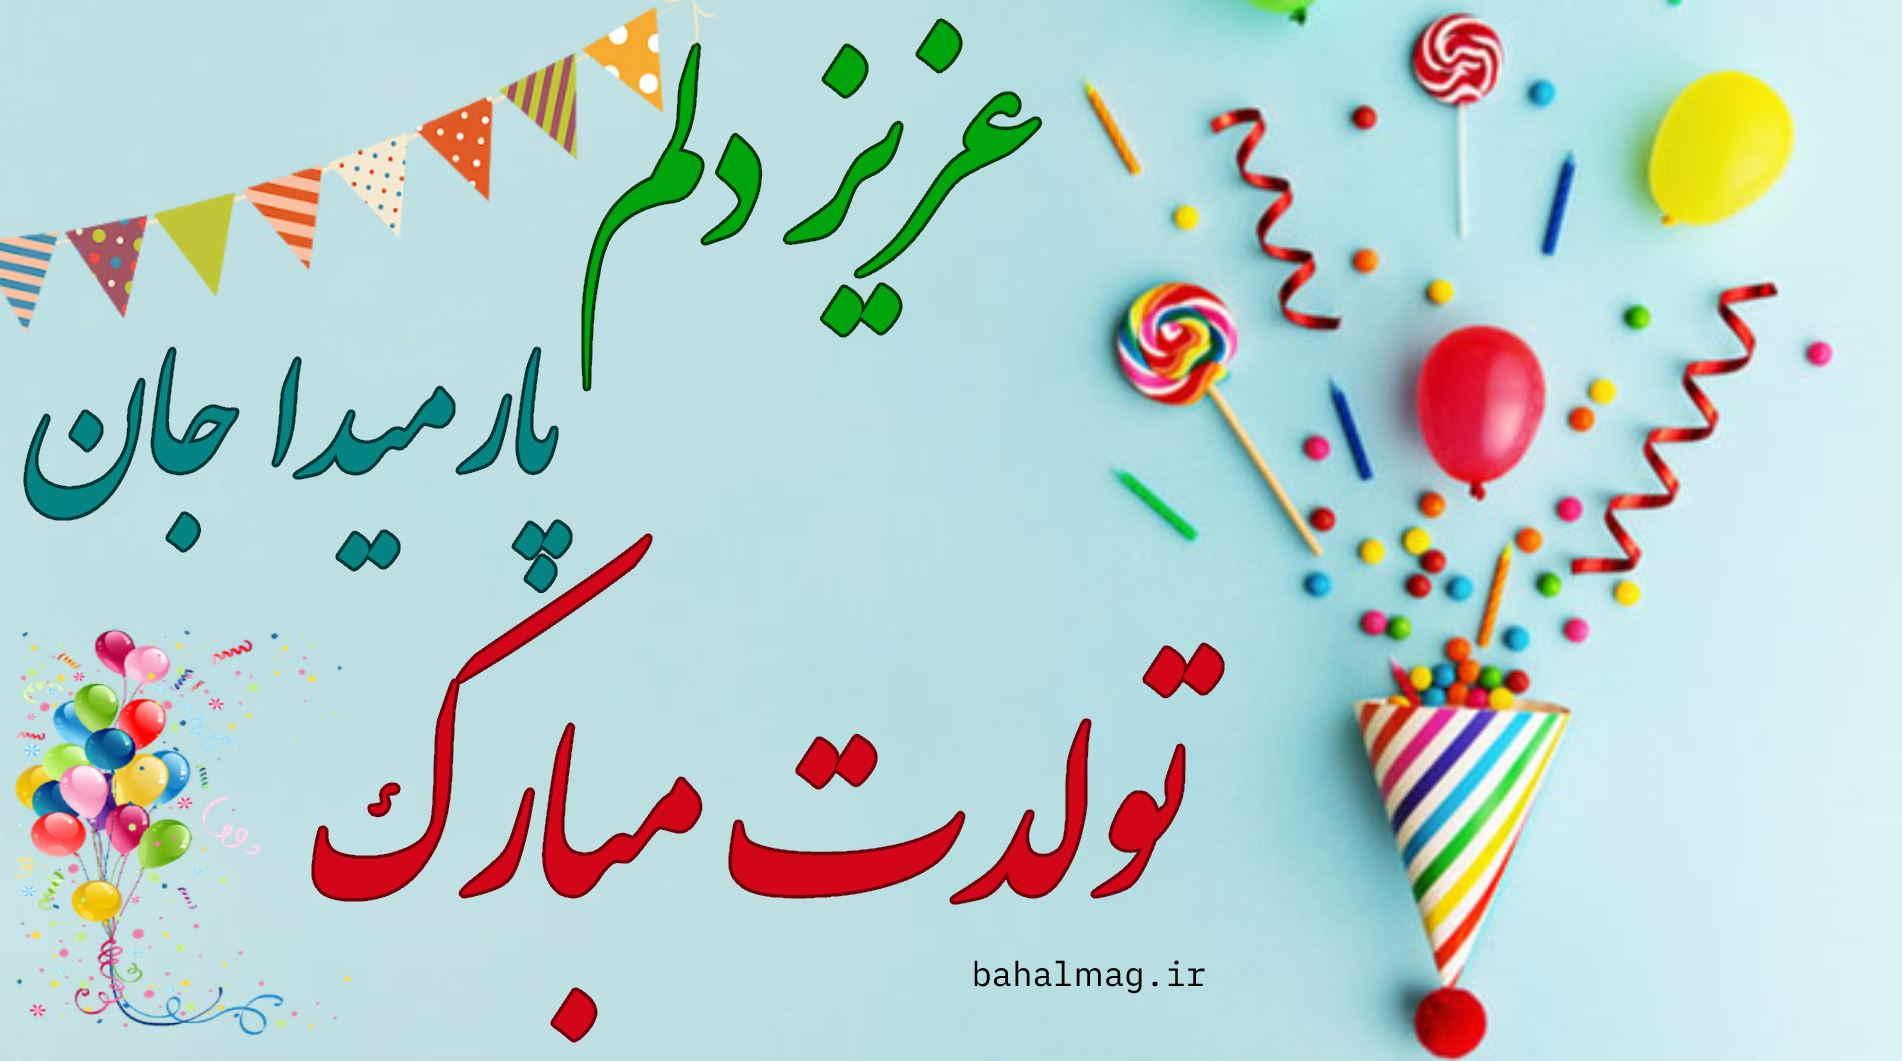 عزیز دلم پارمیدا جانم تولدت مبارک